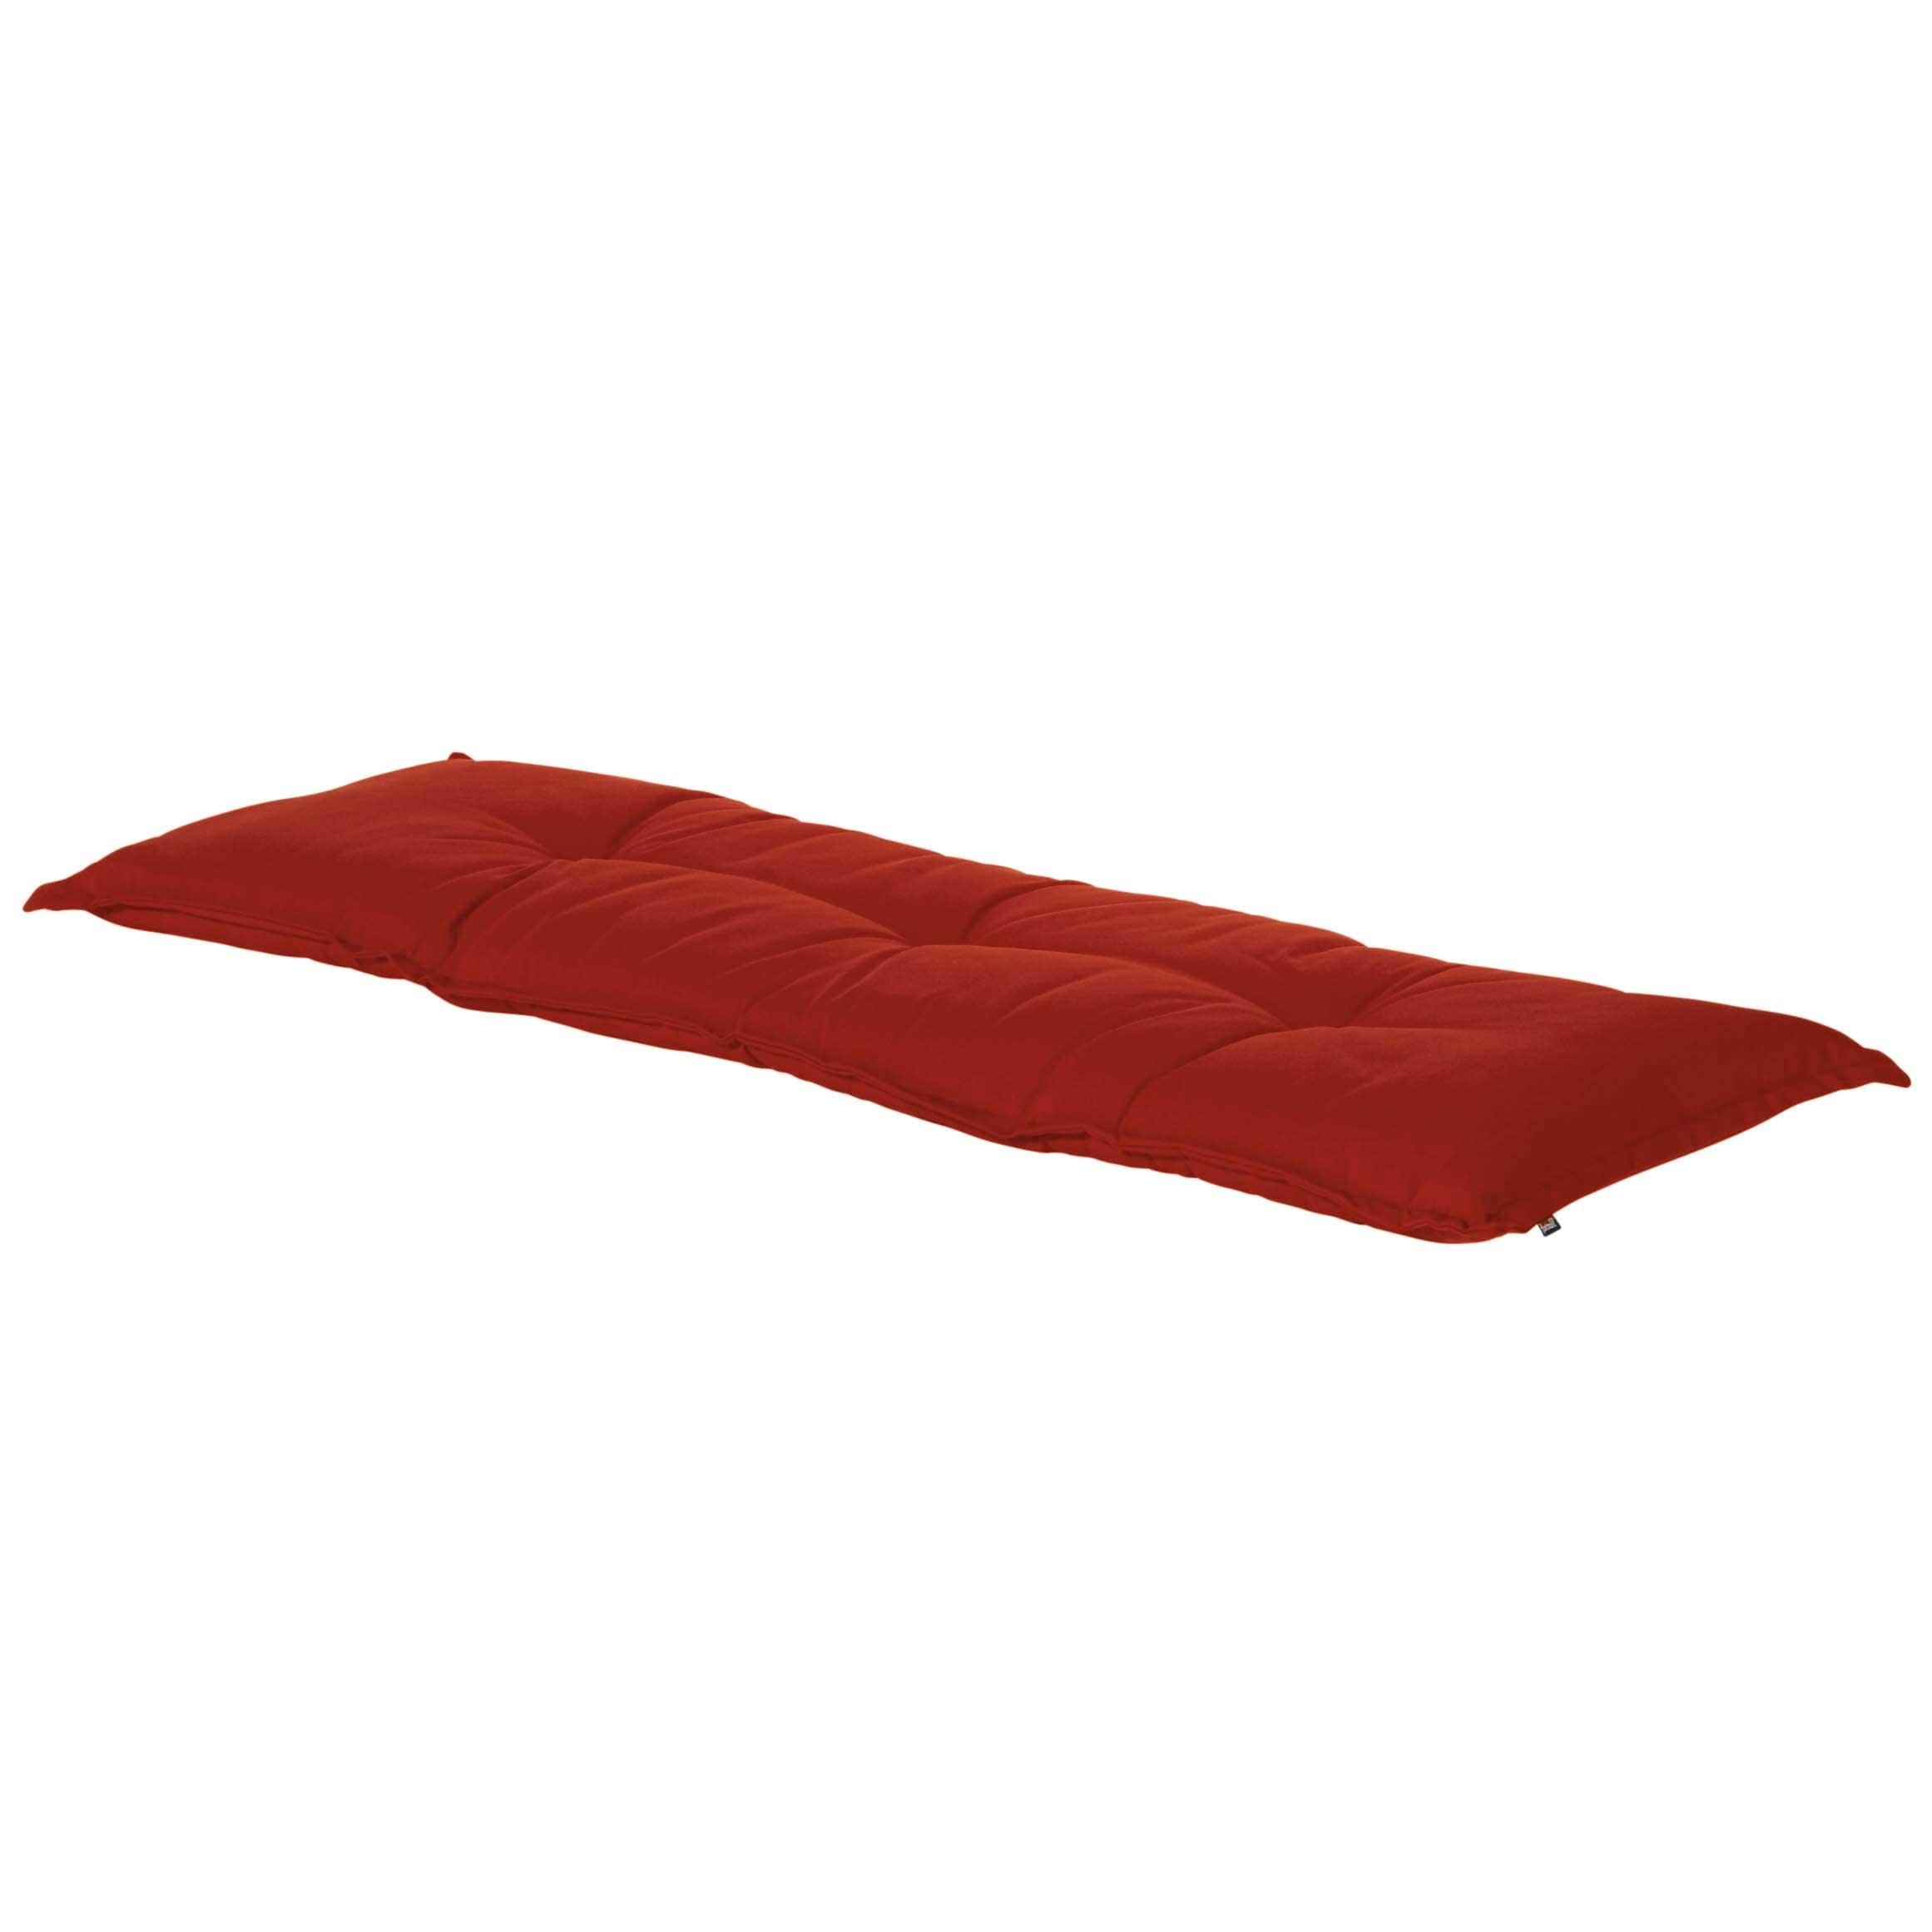 Bankkussen 150cm - Havana red